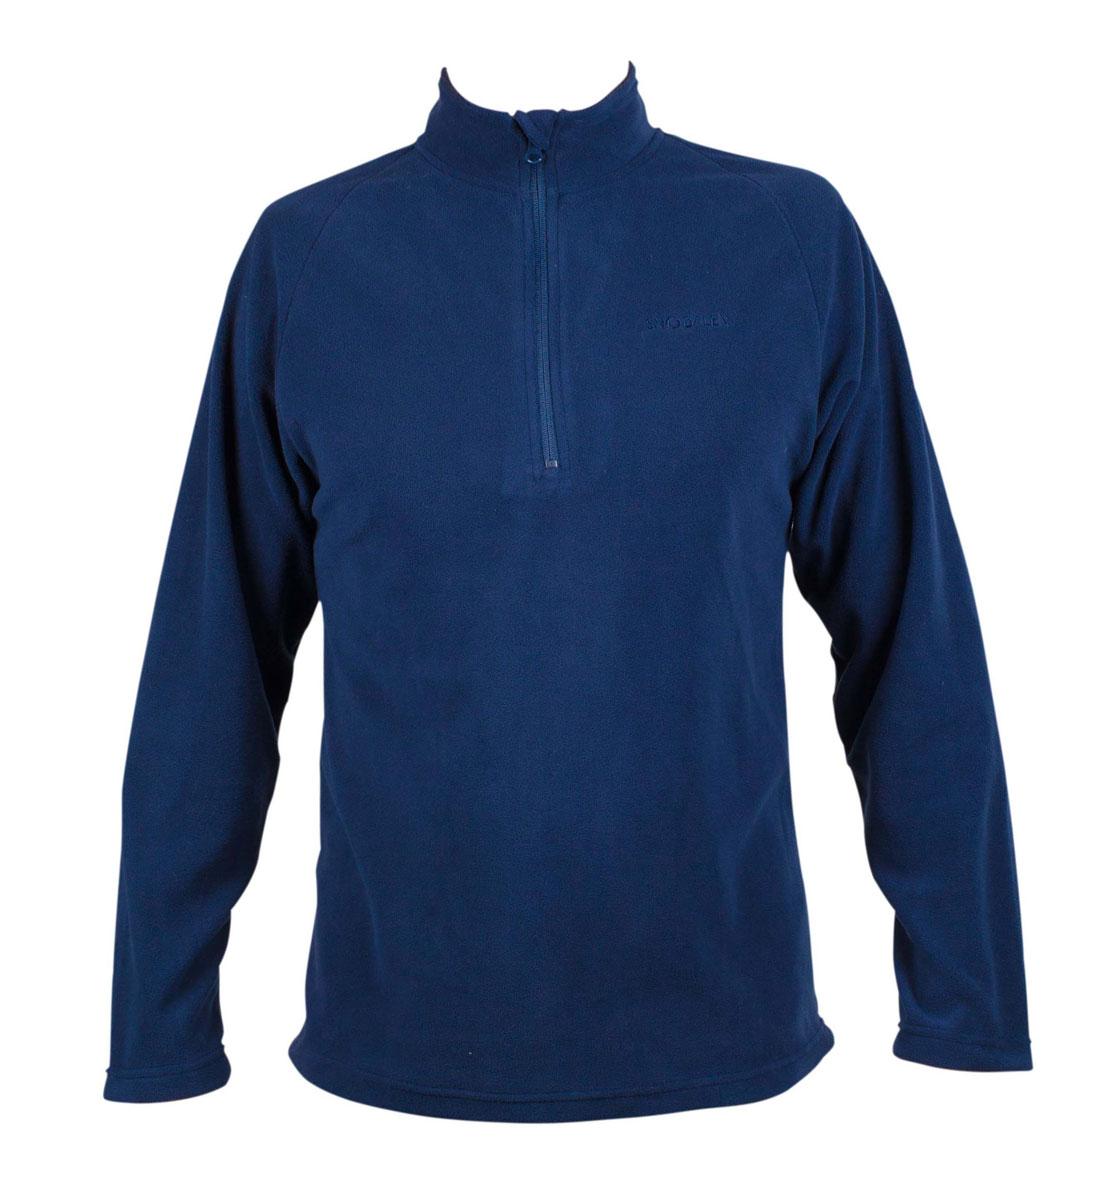 Флисовая толстовка унисекс T-zip sweat. FTU100FTU100Флисовые толстовки и легкие куртки SNODALEN это гарантия тепла и уюта при занятиях зимними видами спорта и использовании в городе в холодную погоду. Флис прекрасно сохраняет тепло и обладает дышащими свойствами за счет плетения материала. Рекомендуется использовать как базовый слой или второй слой одежды в холодное время года. - длинный рукав. - молния до середины груди. - воротник-стойка 7 см с защитным клапаном для молнии.